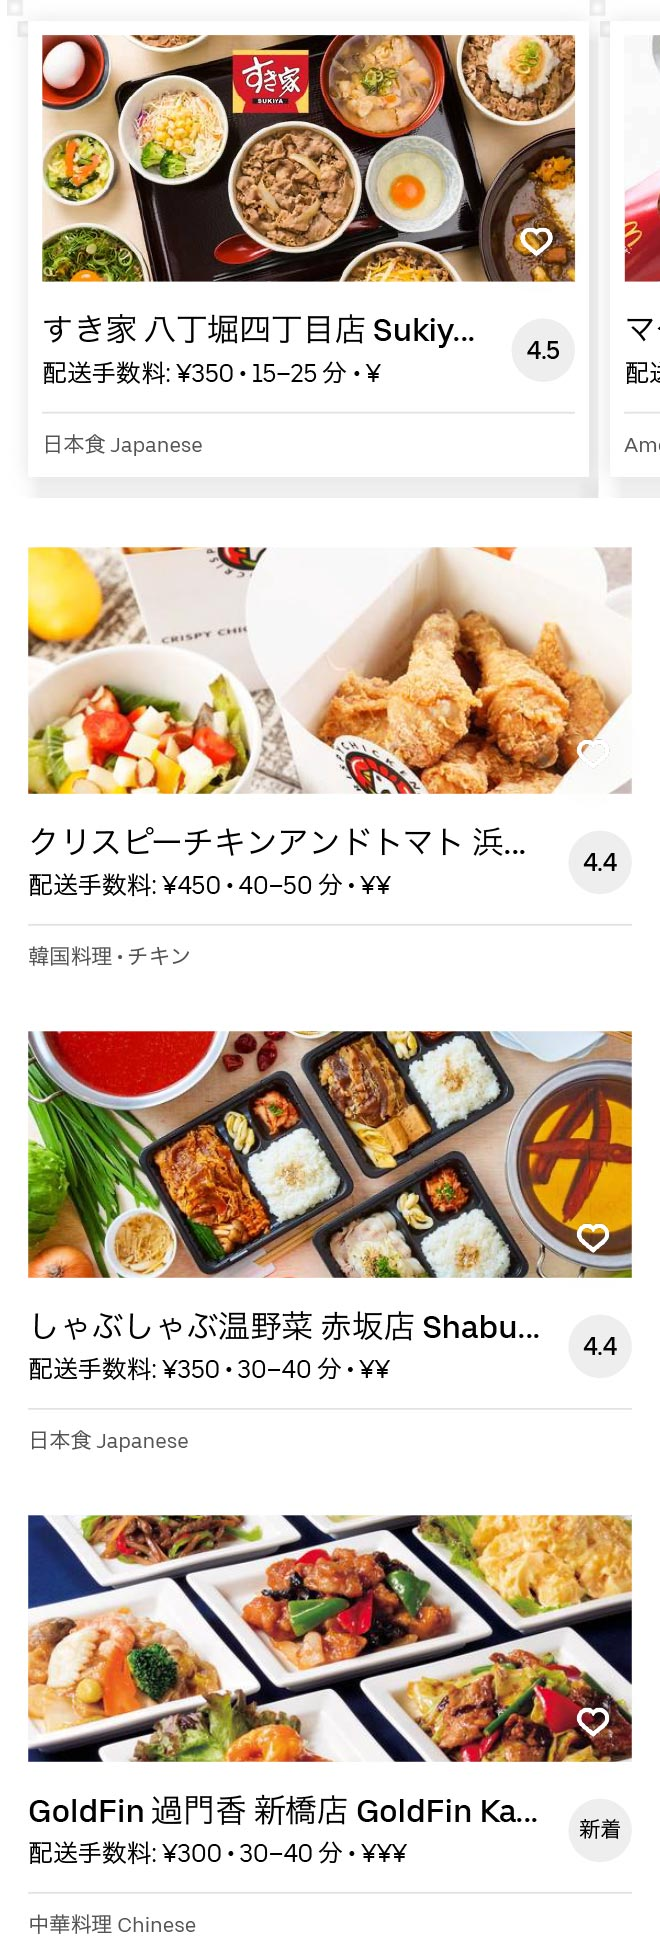 Tokyo otemachi menu 2005 01